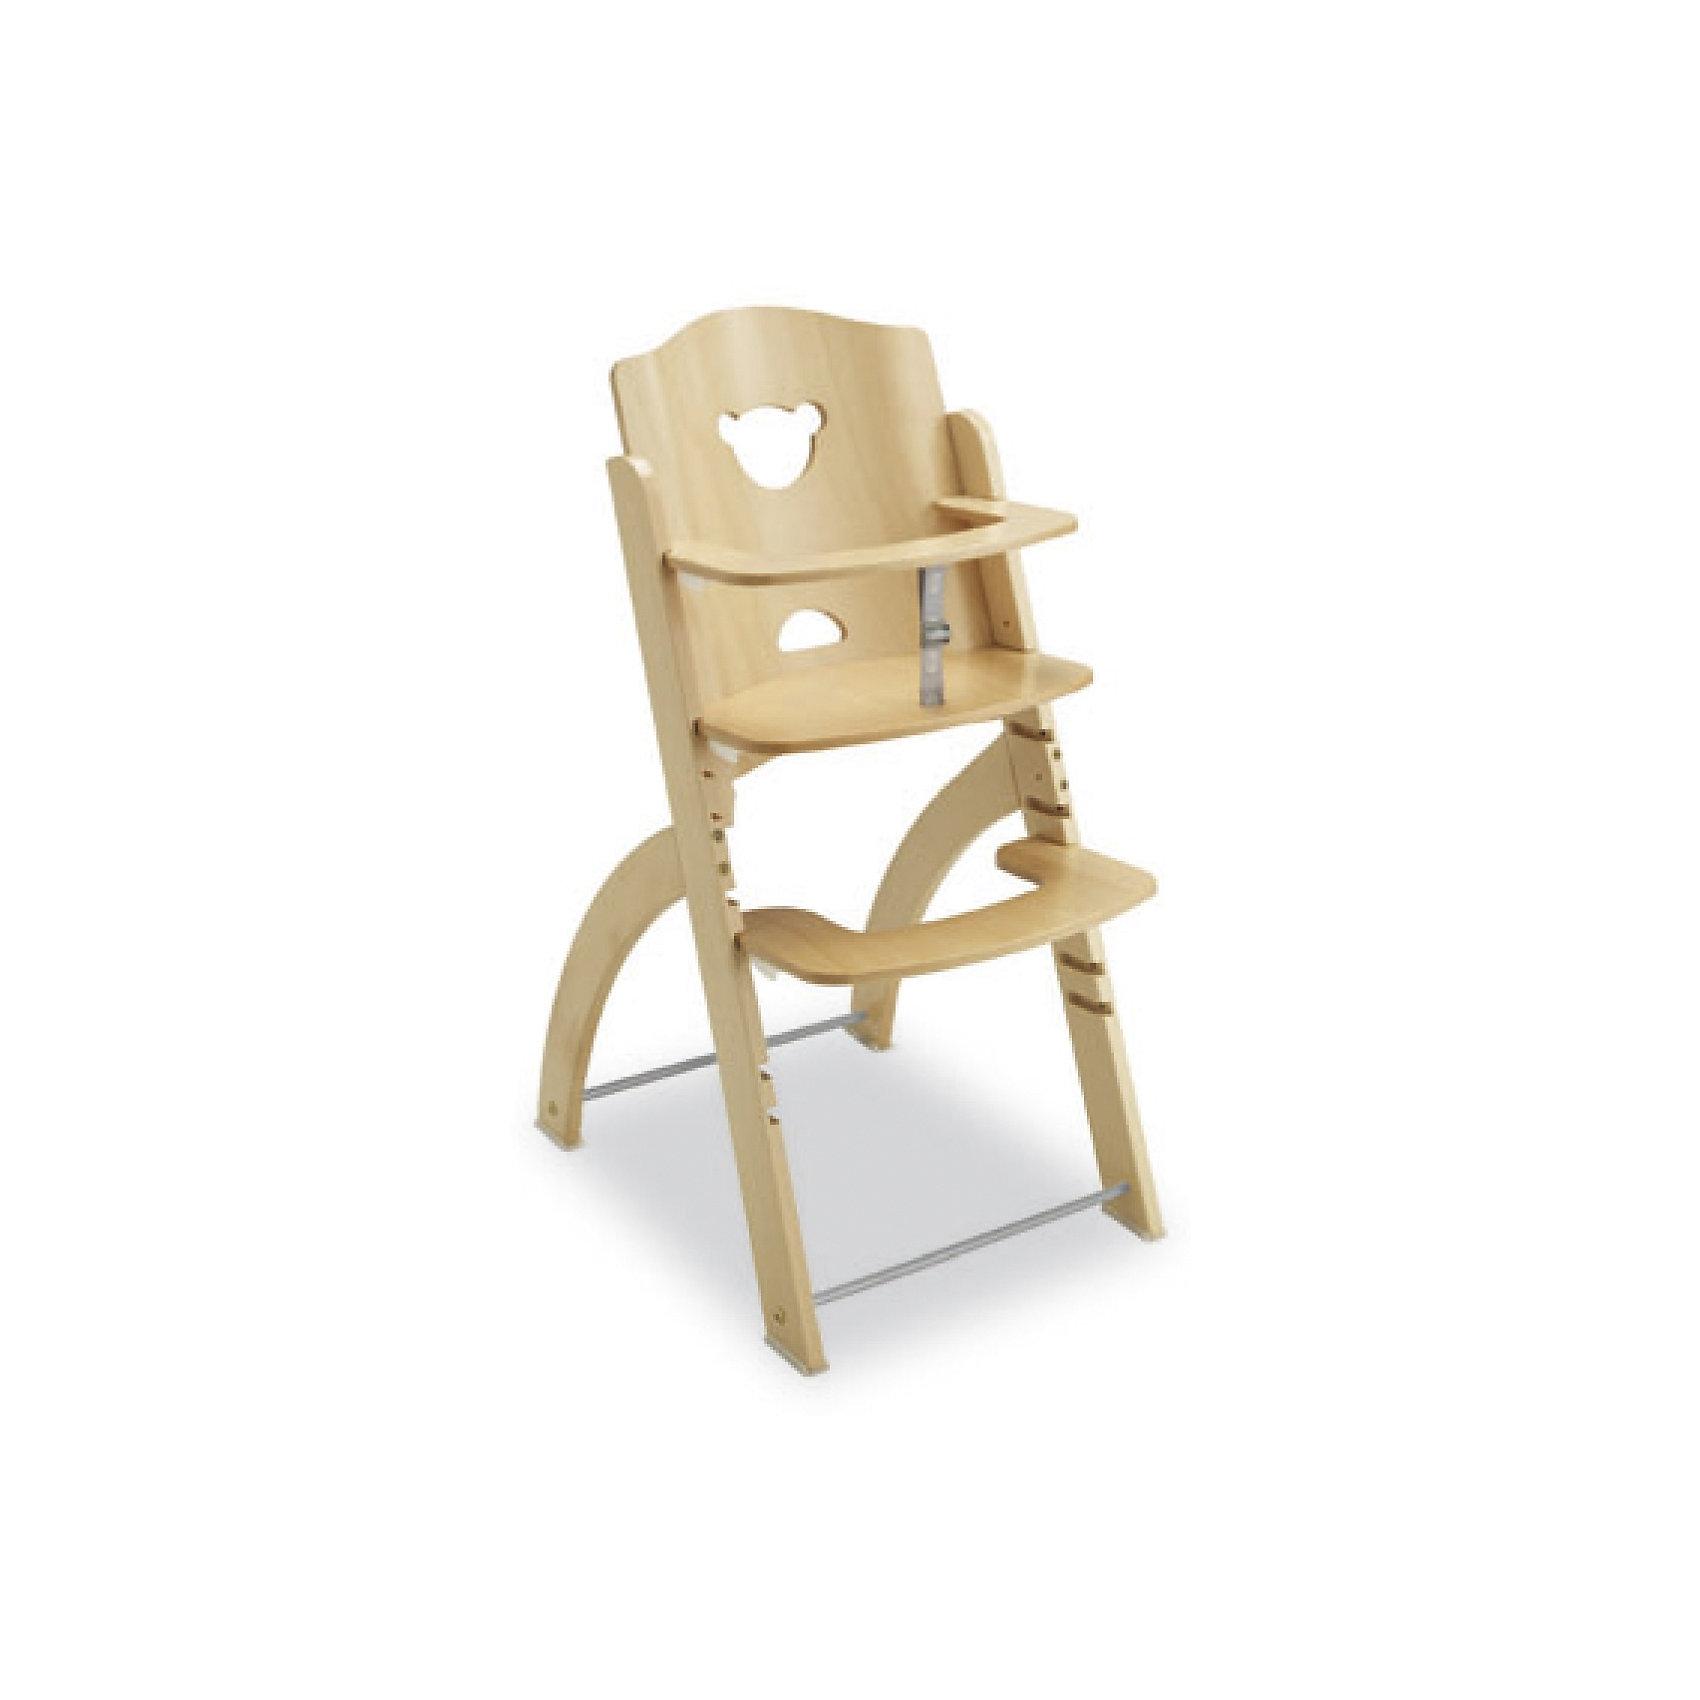 Стульчик для кормления Pappy-Re, Pali, натуральныйСтульчики для кормления<br>Стульчик для кормления изготовлен из натурального дерева, с использованием безопасных, экологичных красителей. Он очень удобный и практичный. Изделие легко моется влажной губкой, настройки стульчика осуществляются перестановкой плоскости сиденья и подножки на нужную высоту. Это сделать достаточно легко, благодаря специальным фиксаторам. Конструкция стульчика гарантирует правильное положение позвоночника, что способствует формированию правильной осанки ребёнка. <br><br>Дополнительная информация:<br><br>- Материал: дерево (бук).<br>- Размер сиденья: 44х56.<br>- Высота стула: 88 см.<br>- Сиденье, подножка регулируются по высоте. <br>- Цвет: дерево.<br><br>Стульчик для кормления Pappy-Re (Паппи-Рэ), Pali (Пали), натуральный, можно купить в нашем магазине.<br><br>Ширина мм: 1040<br>Глубина мм: 480<br>Высота мм: 120<br>Вес г: 8800<br>Возраст от месяцев: 6<br>Возраст до месяцев: 36<br>Пол: Унисекс<br>Возраст: Детский<br>SKU: 4443707